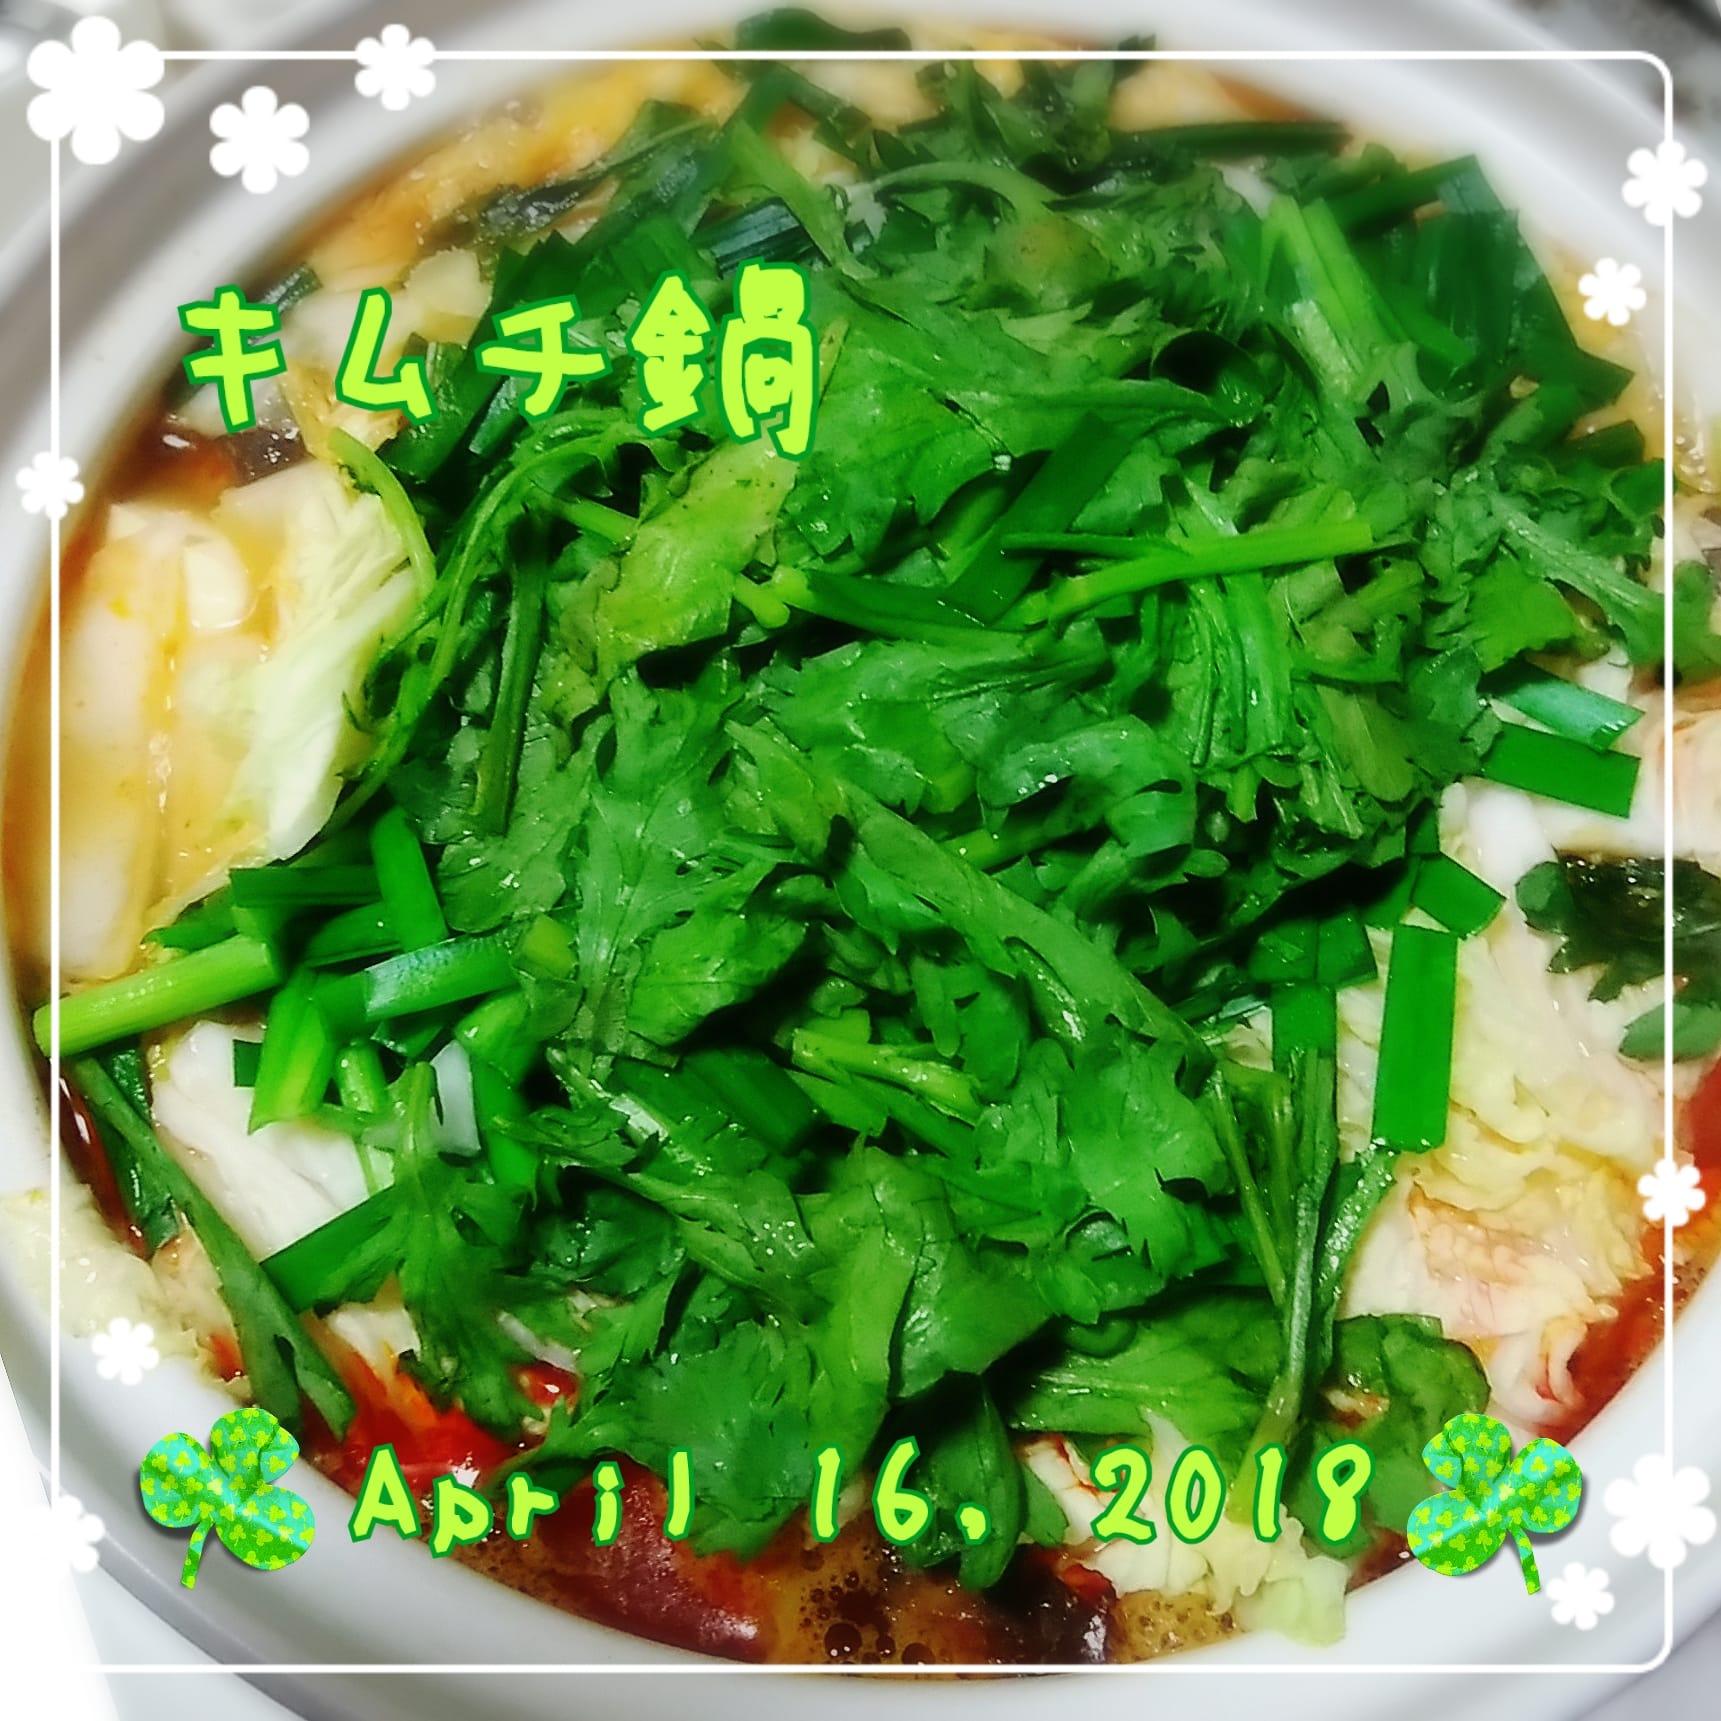 「月曜日のバンゴ(^-^)/」04/20(金) 21:08   さえの写メ・風俗動画